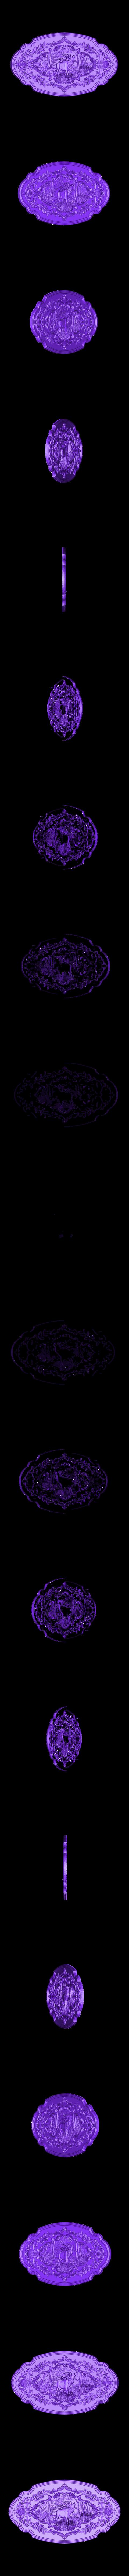 295.stl Télécharger fichier STL gratuit Défonceuse Deer cnc dans le cadre Forrest • Design à imprimer en 3D, Terhrinai